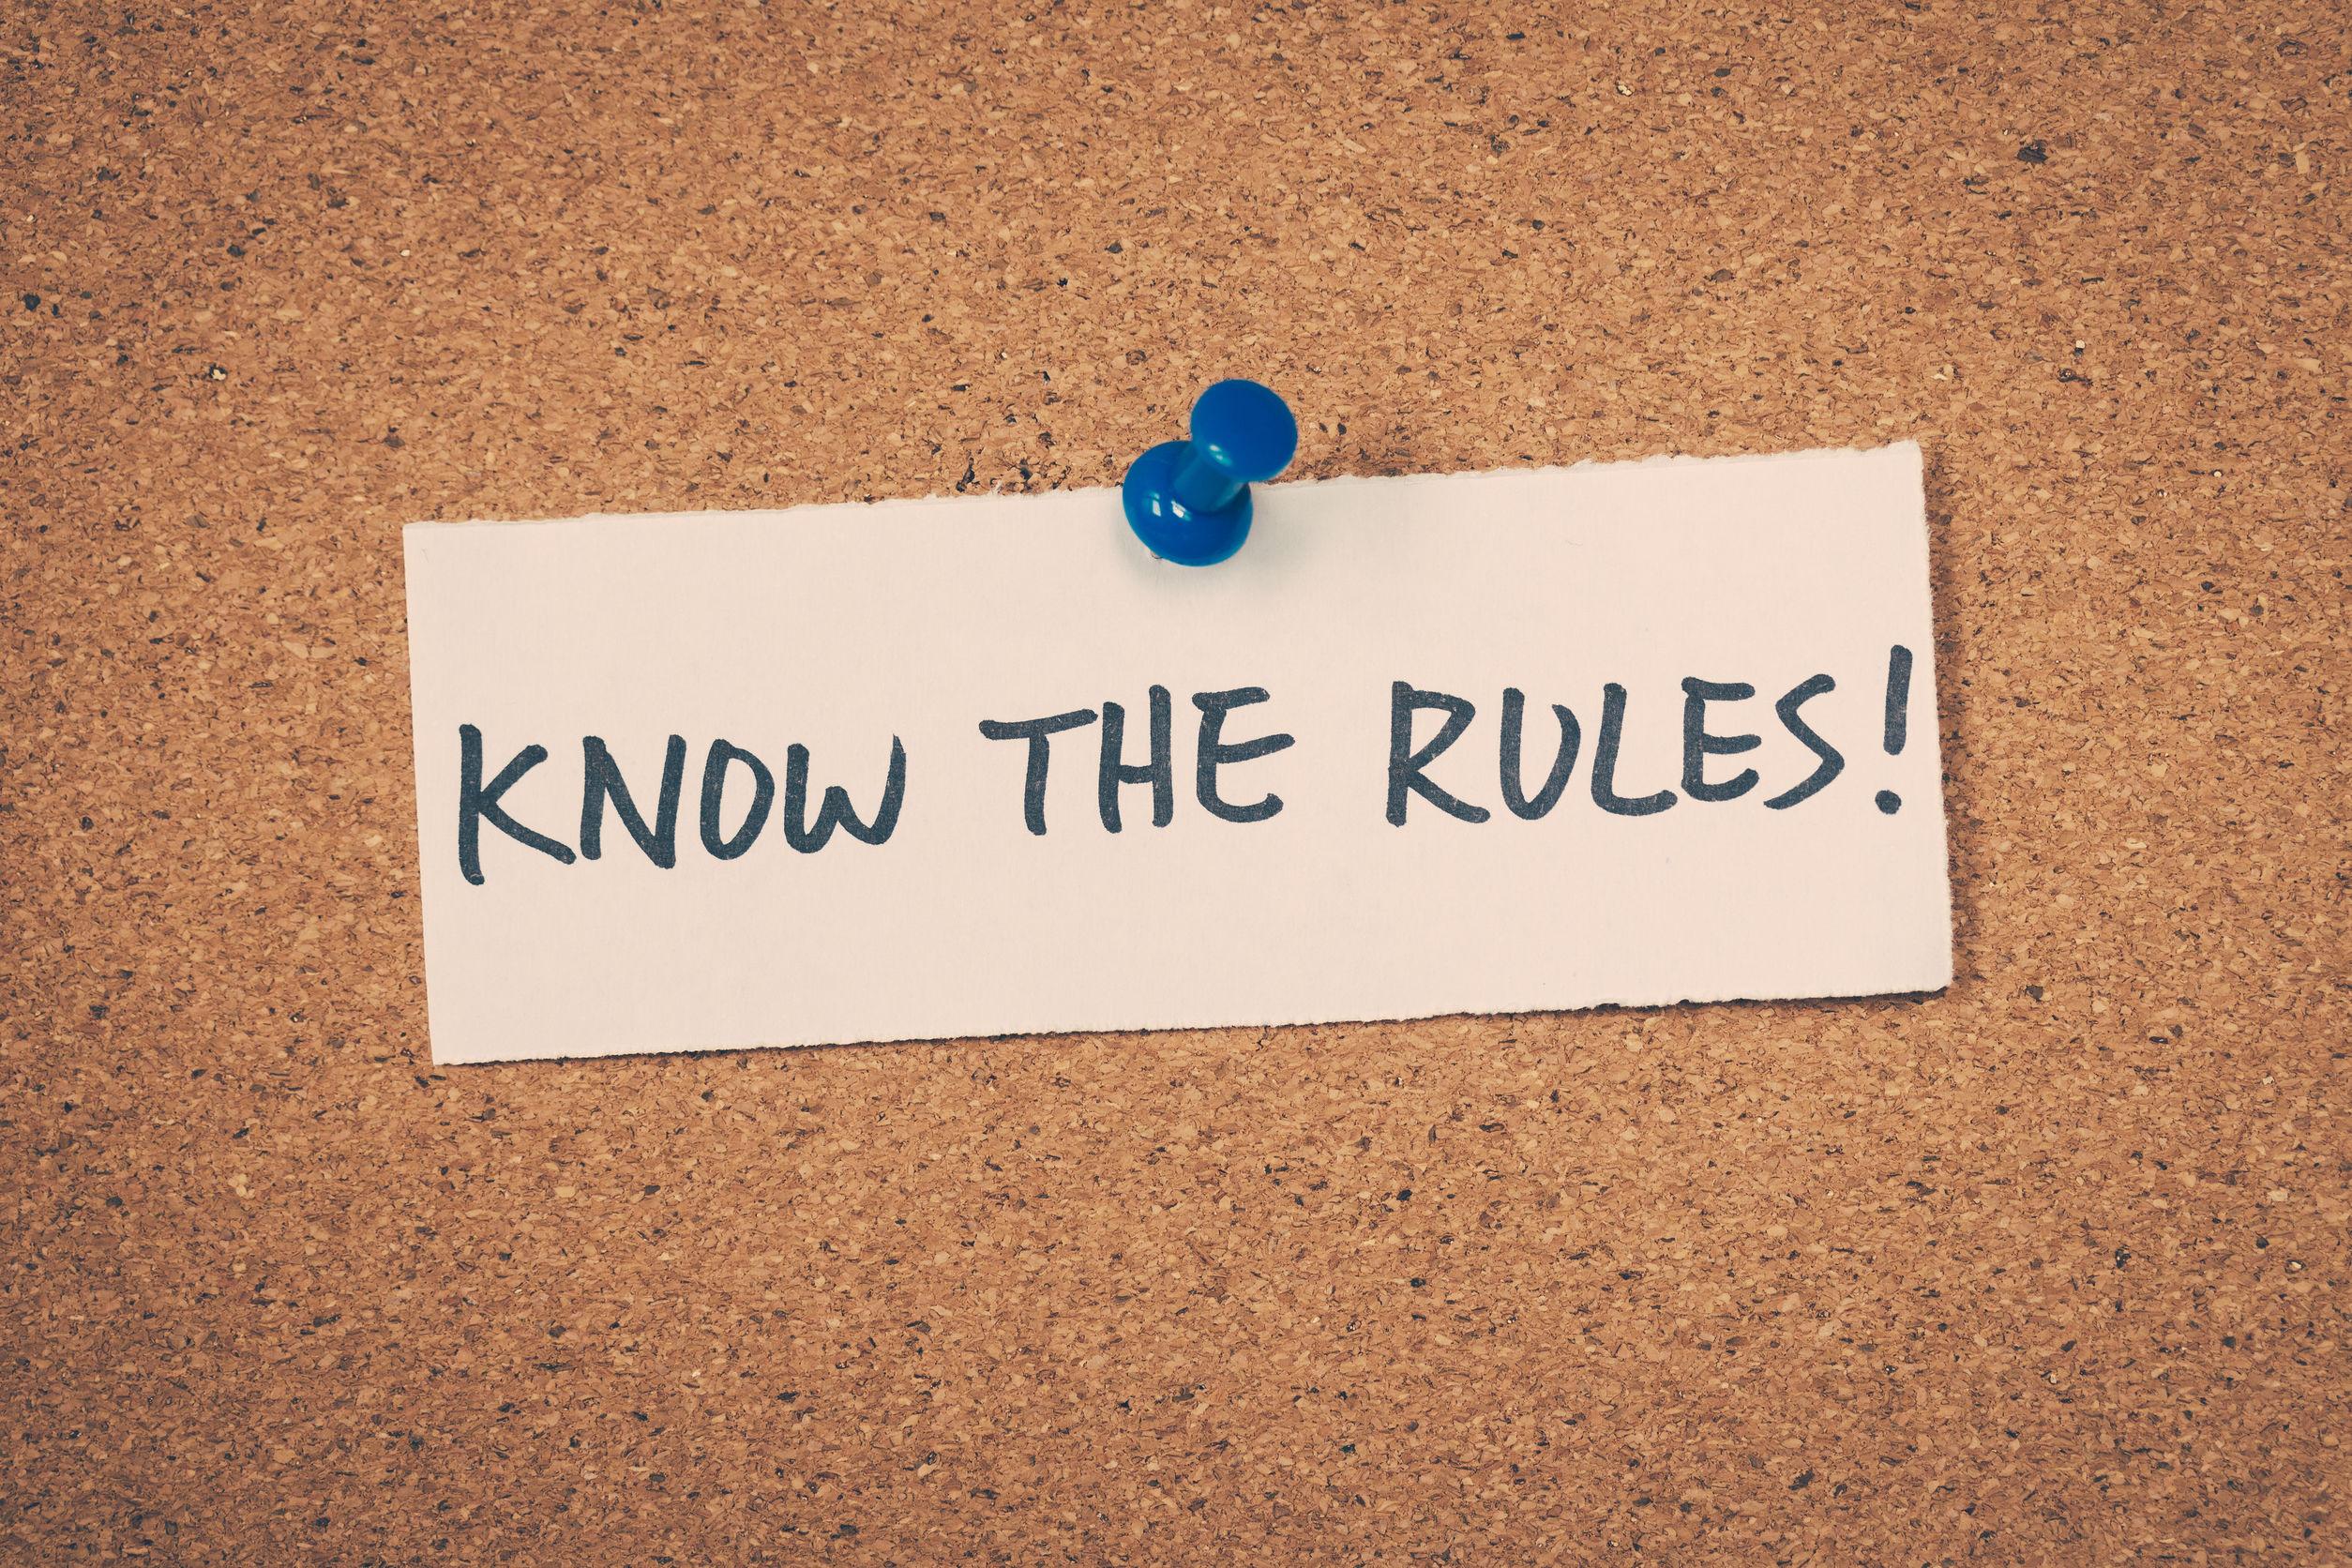 《融资租赁公司监督管理暂行办法》正式版发布!相较征求意见稿的变化有哪些?